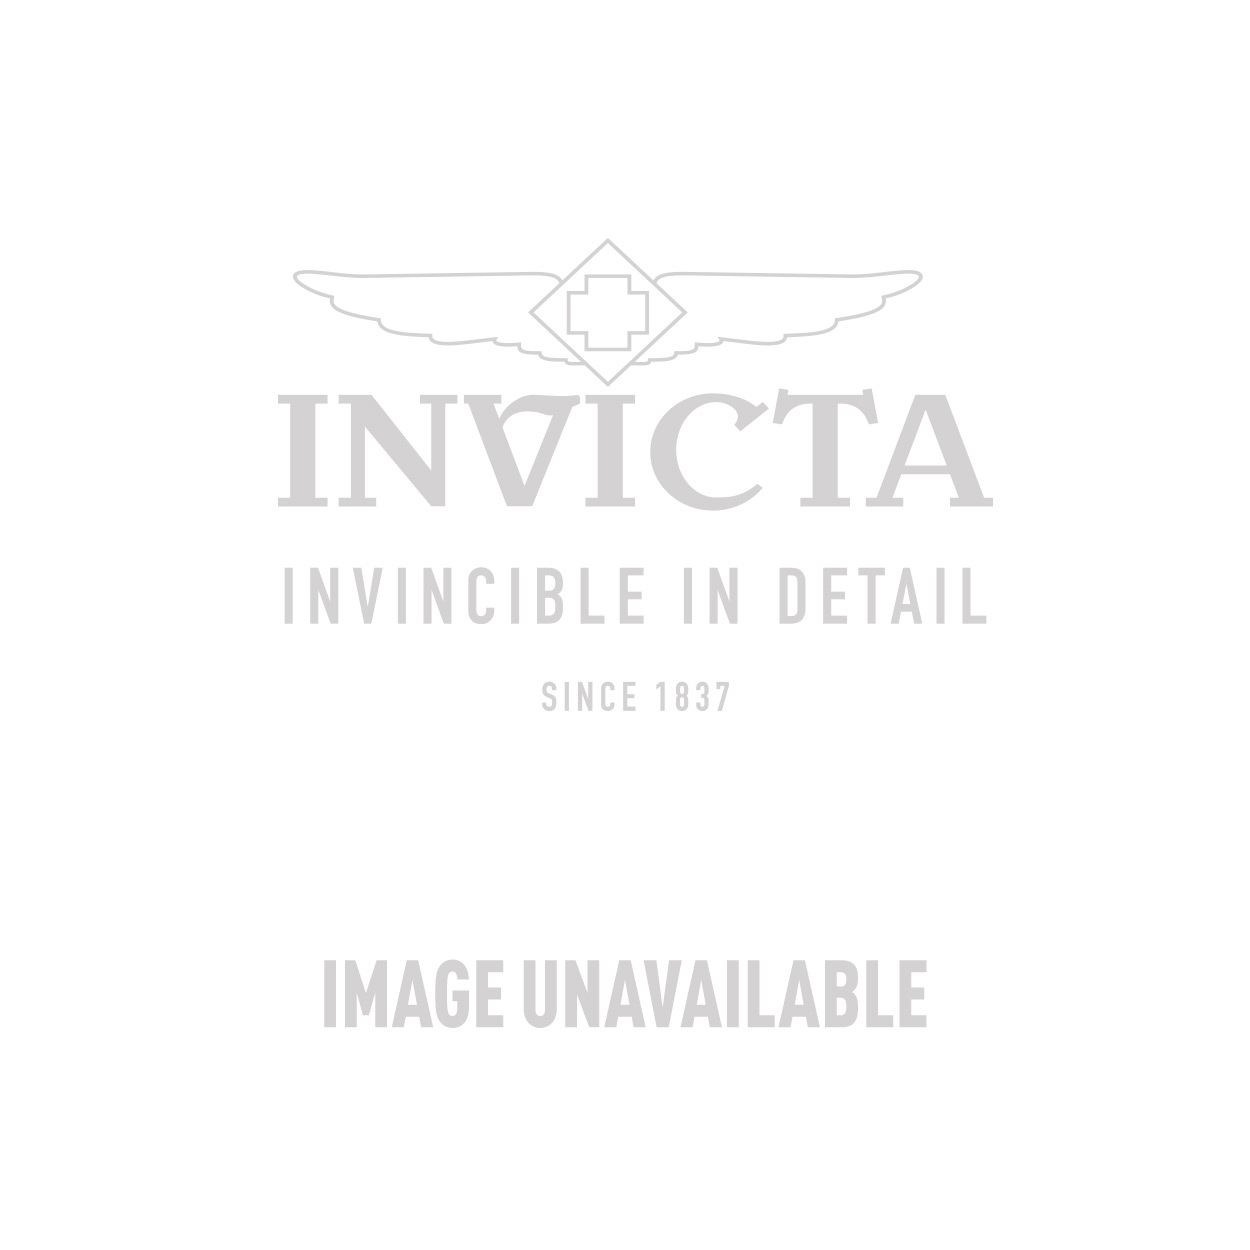 Invicta Model  SC0394